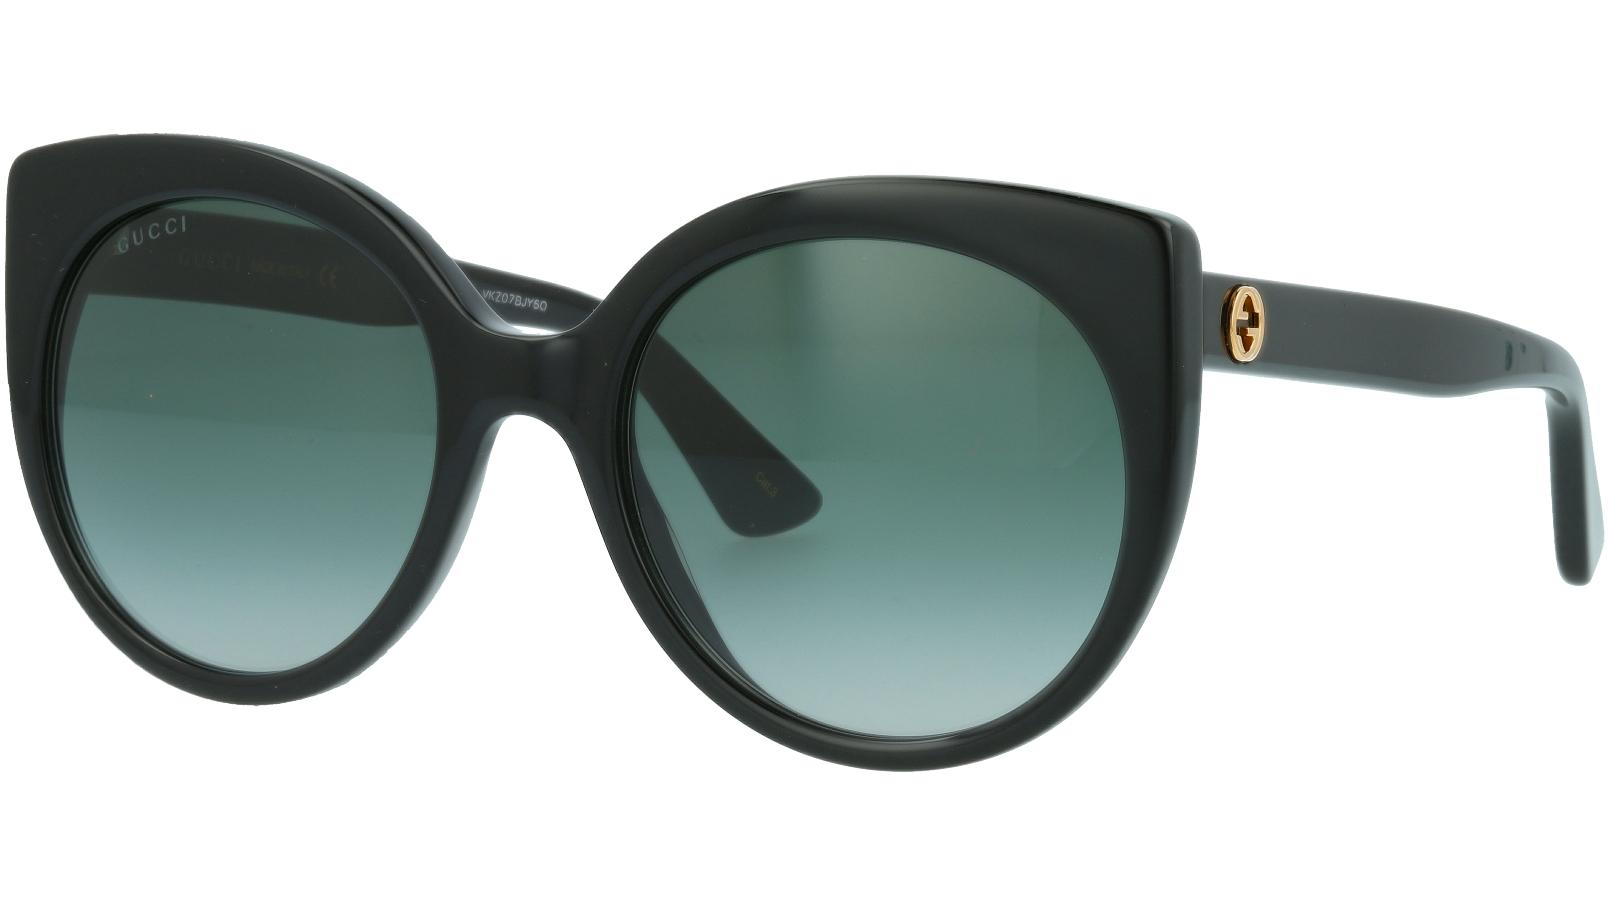 Gucci GG0325S 001 55 BLACK Sunglasses